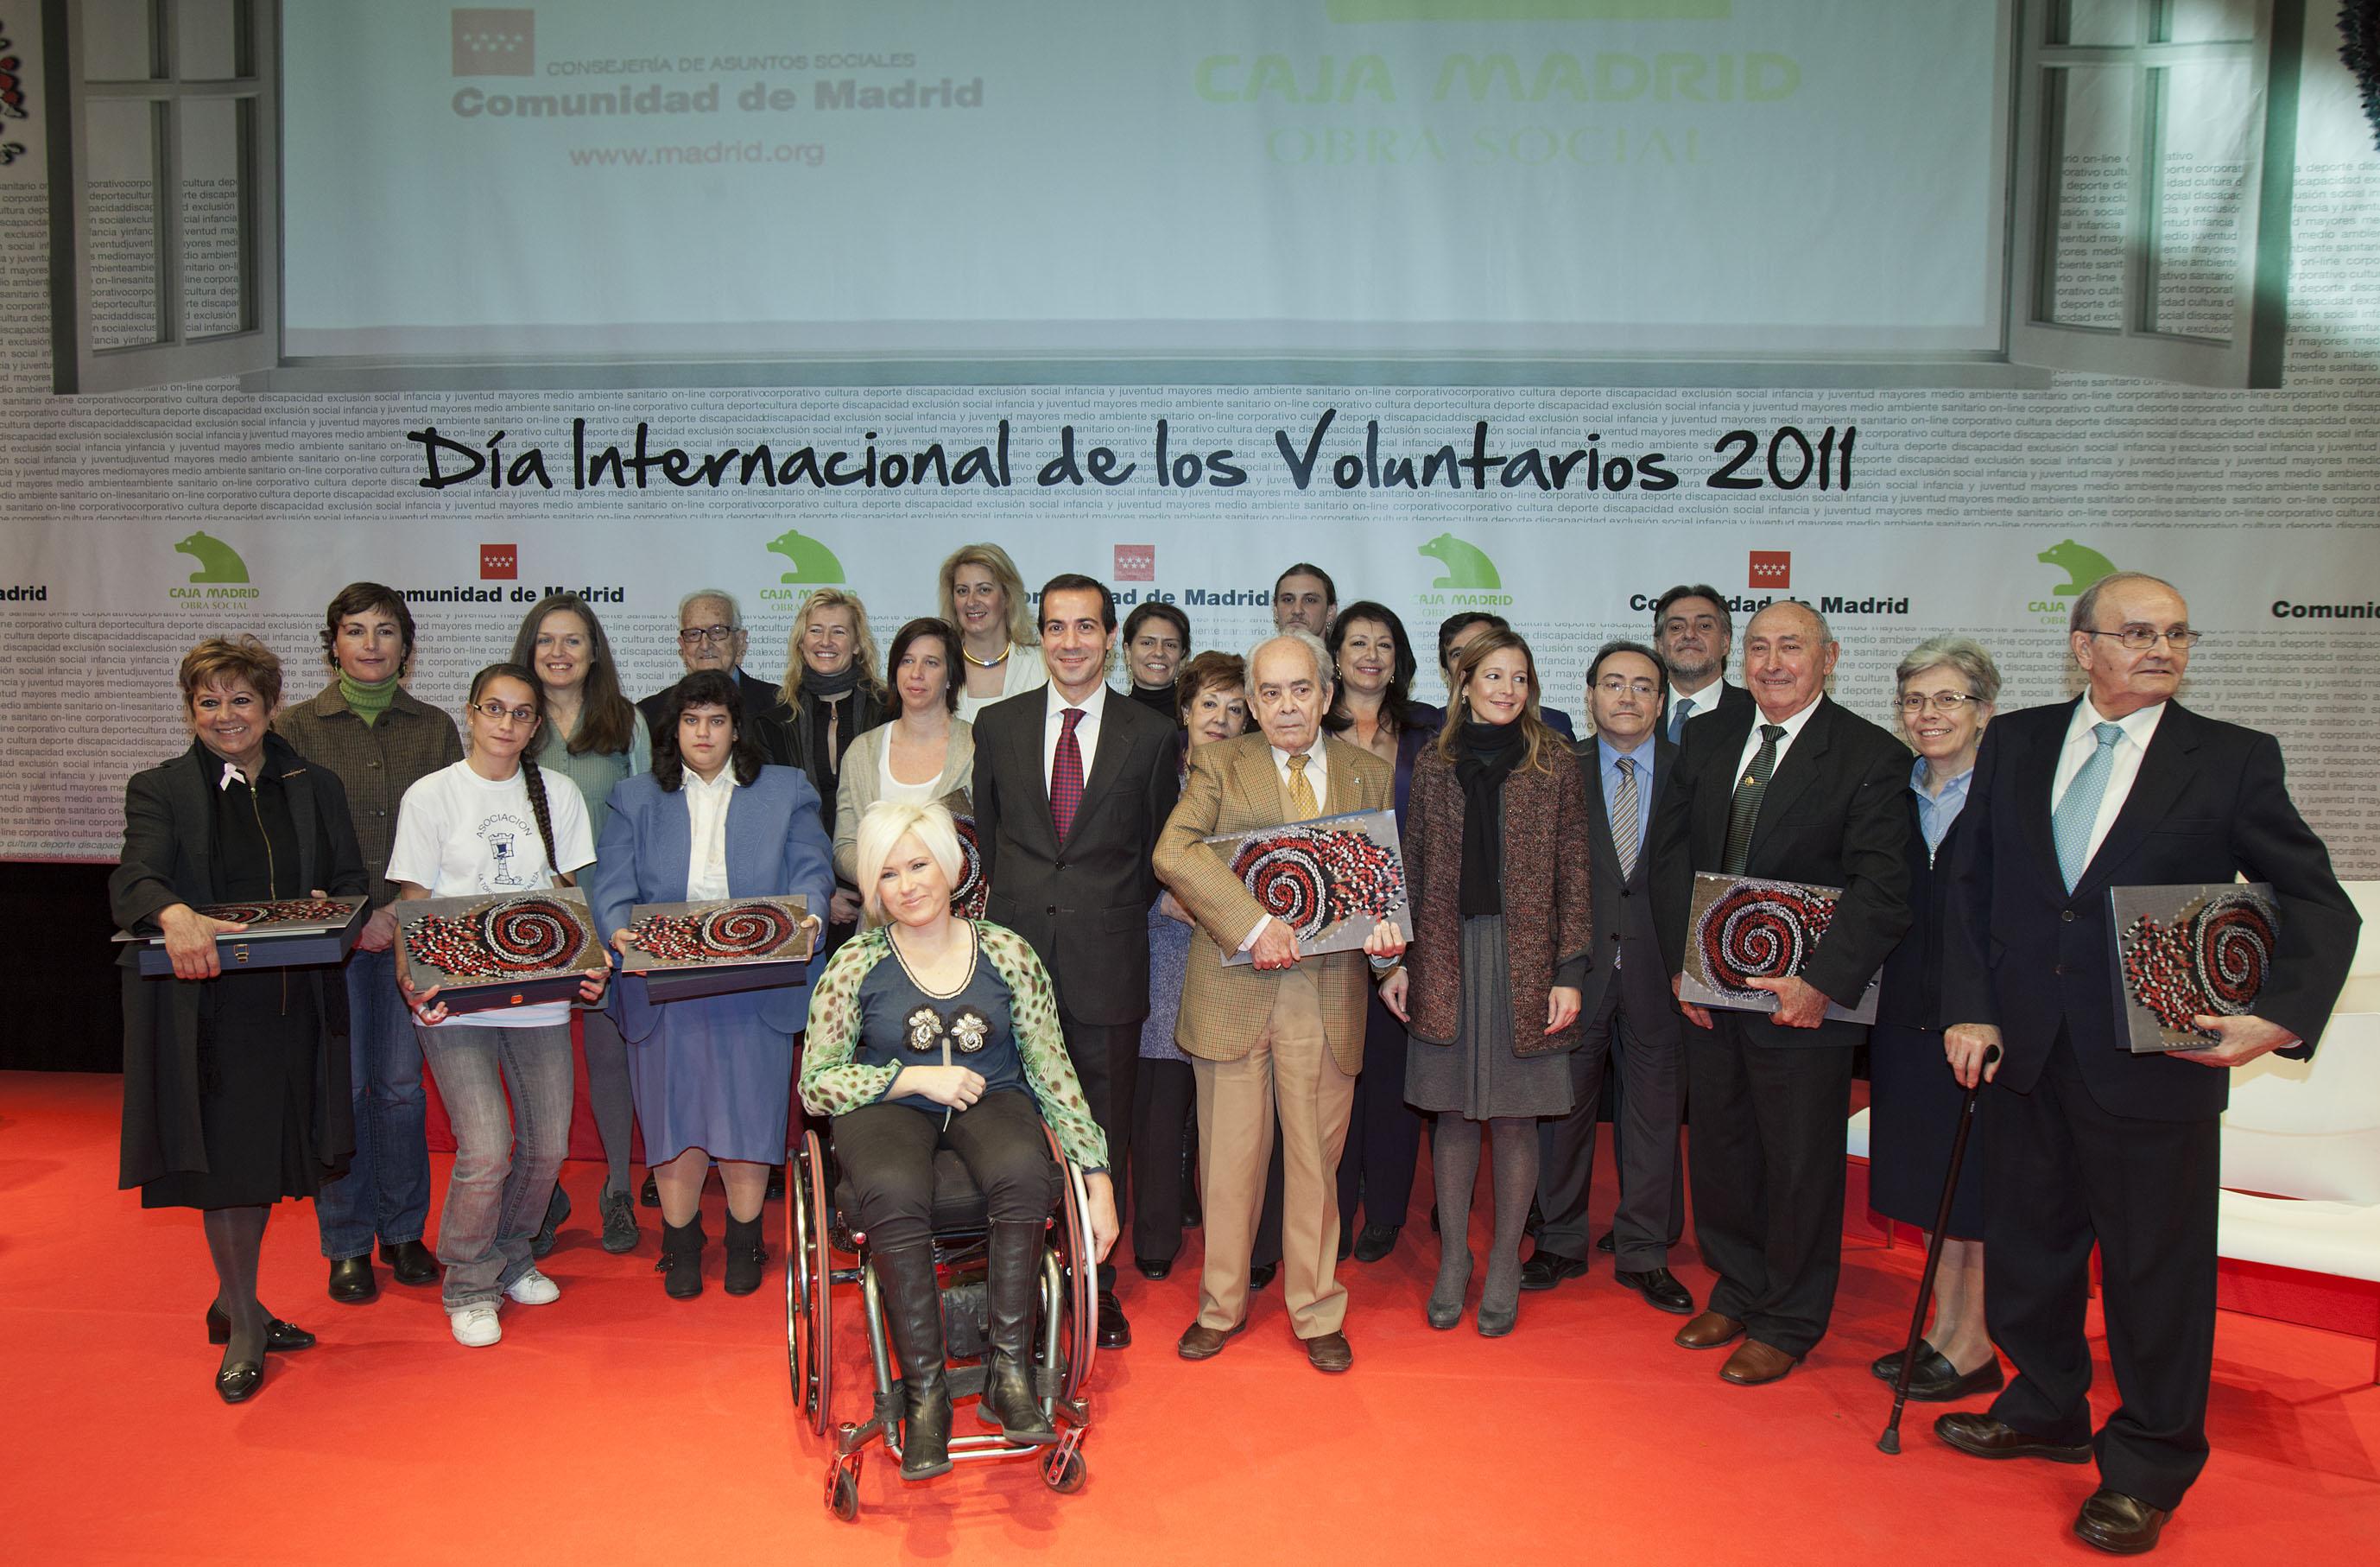 José Felix Dones (quinto por la derecha), junto al resto de galardonados por la Consejería de Asuntos Sociales de la Comunidad de Madrid.